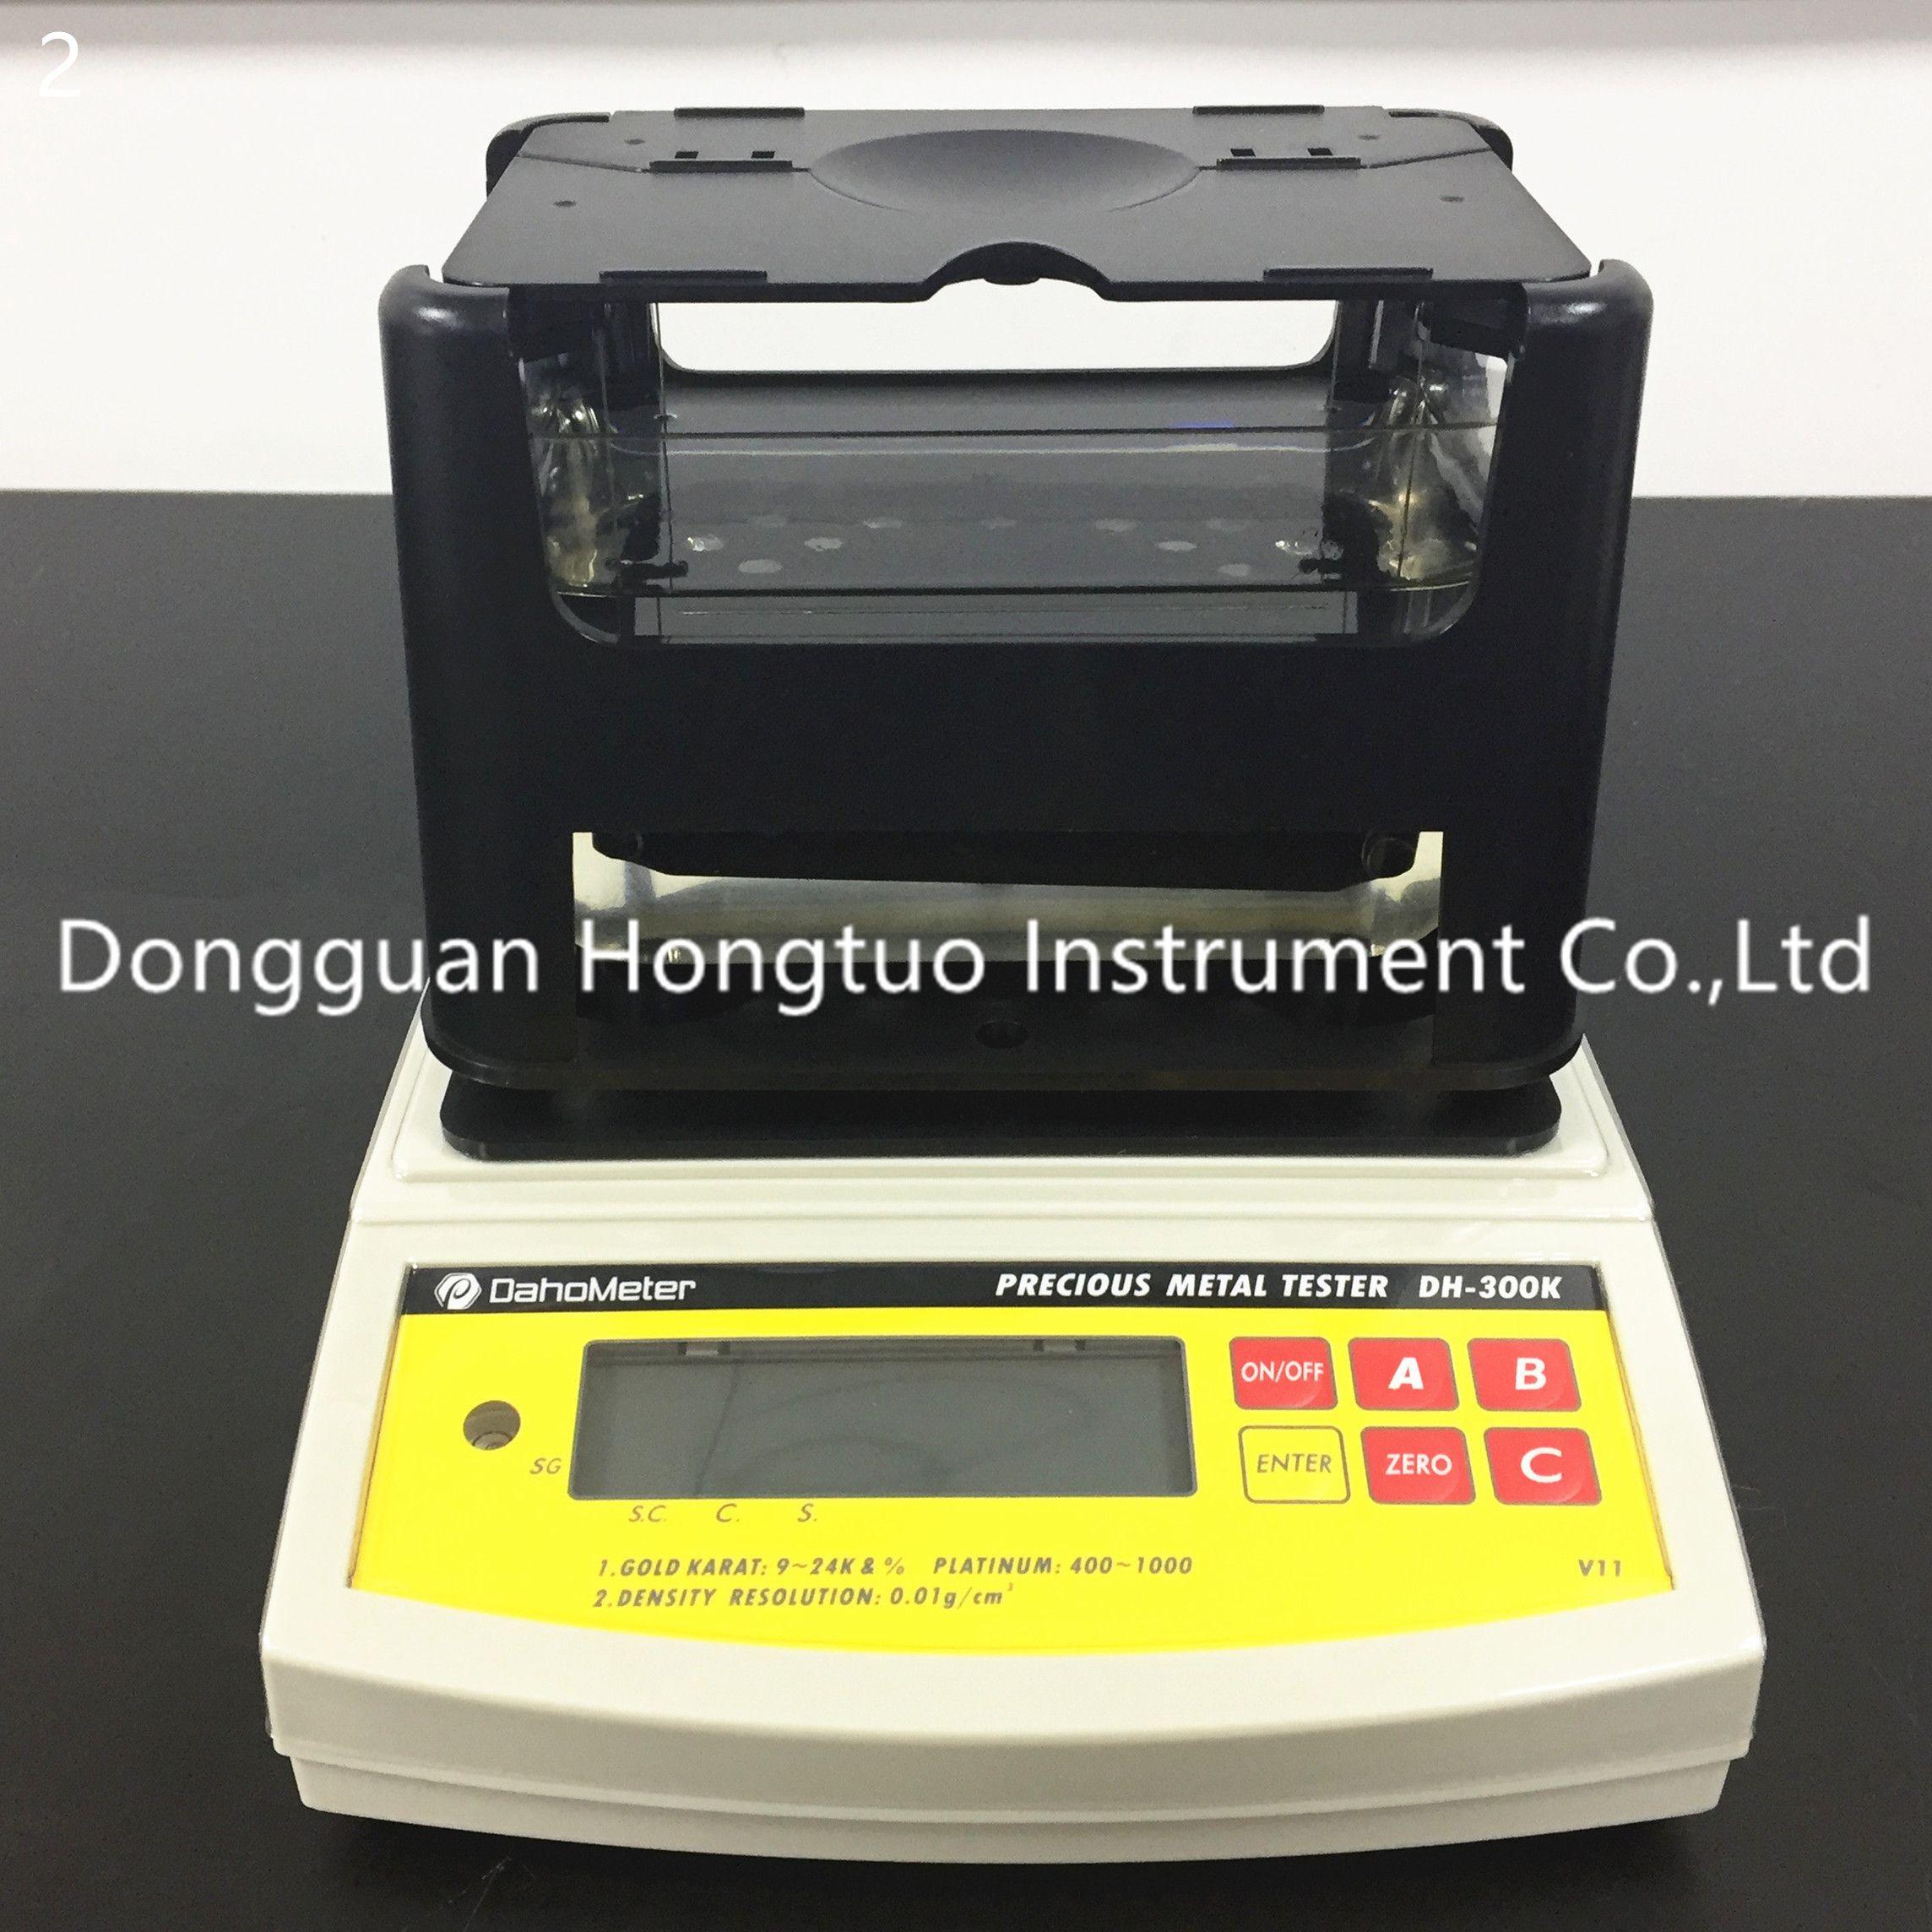 DH-300K DahoMeter 2 года гарантии Цифровой электронный баланс чистоты драгоценных металлов, золотоизмерительная машина высокого качества